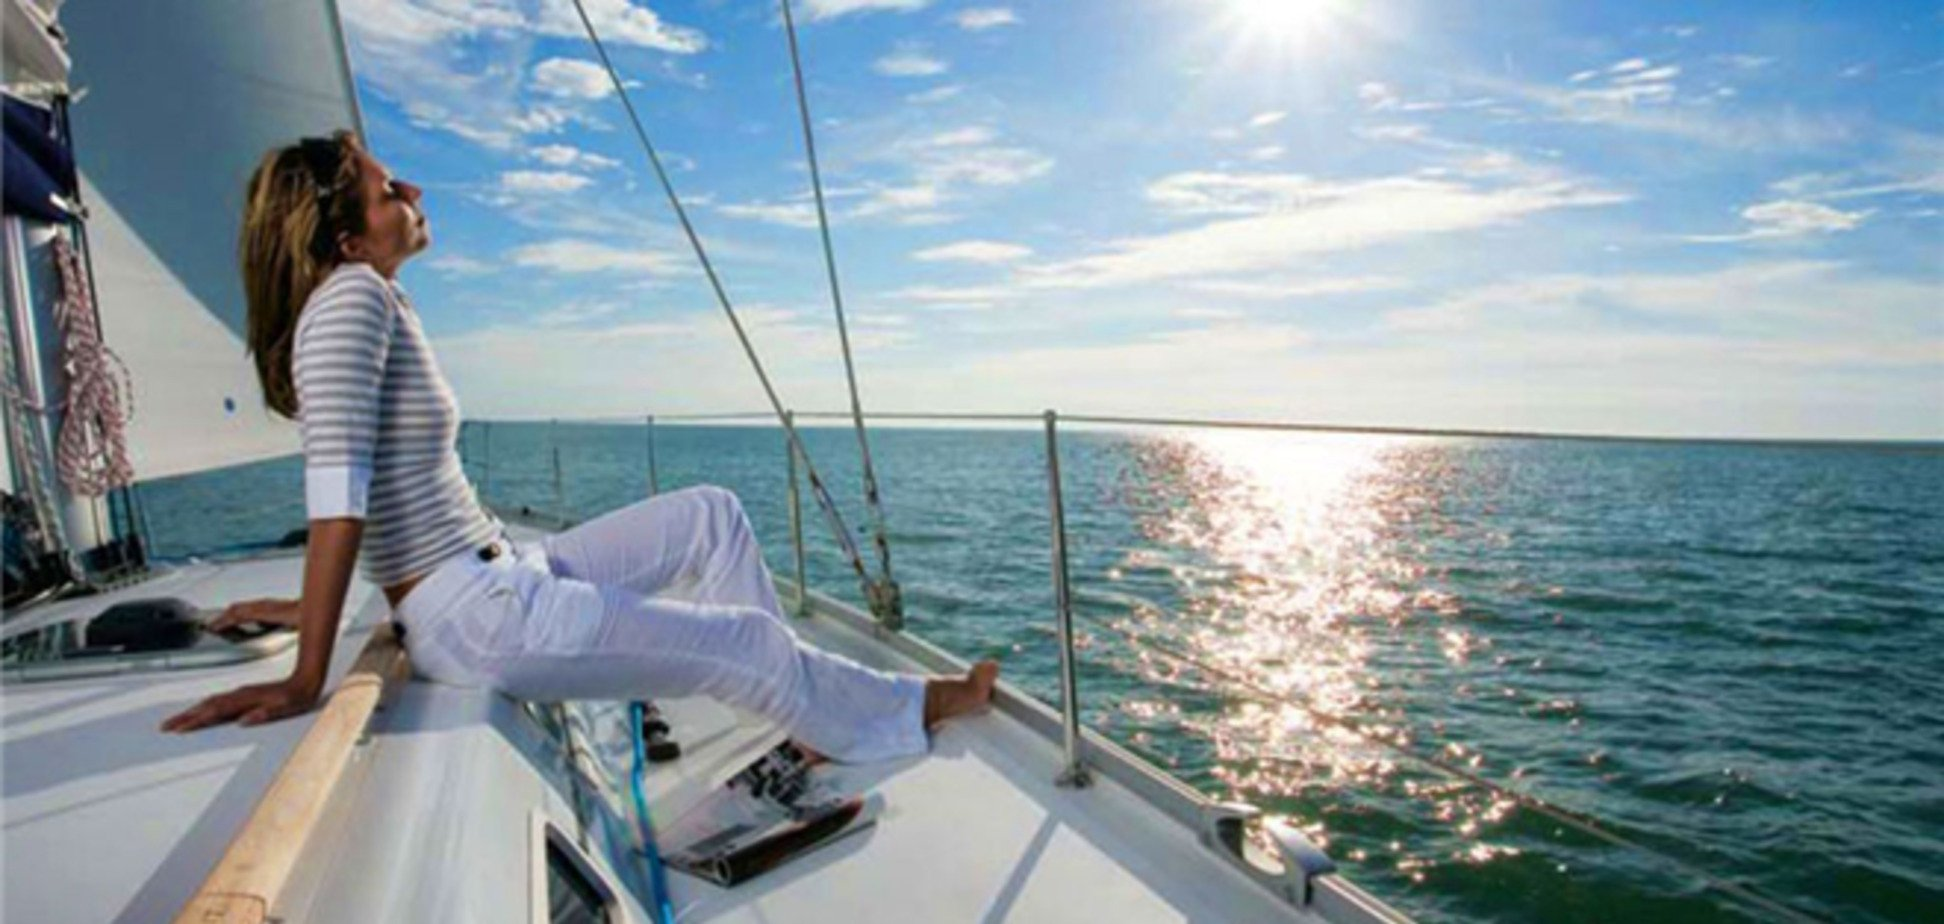 Заметки путешественника: любители морских прогулок